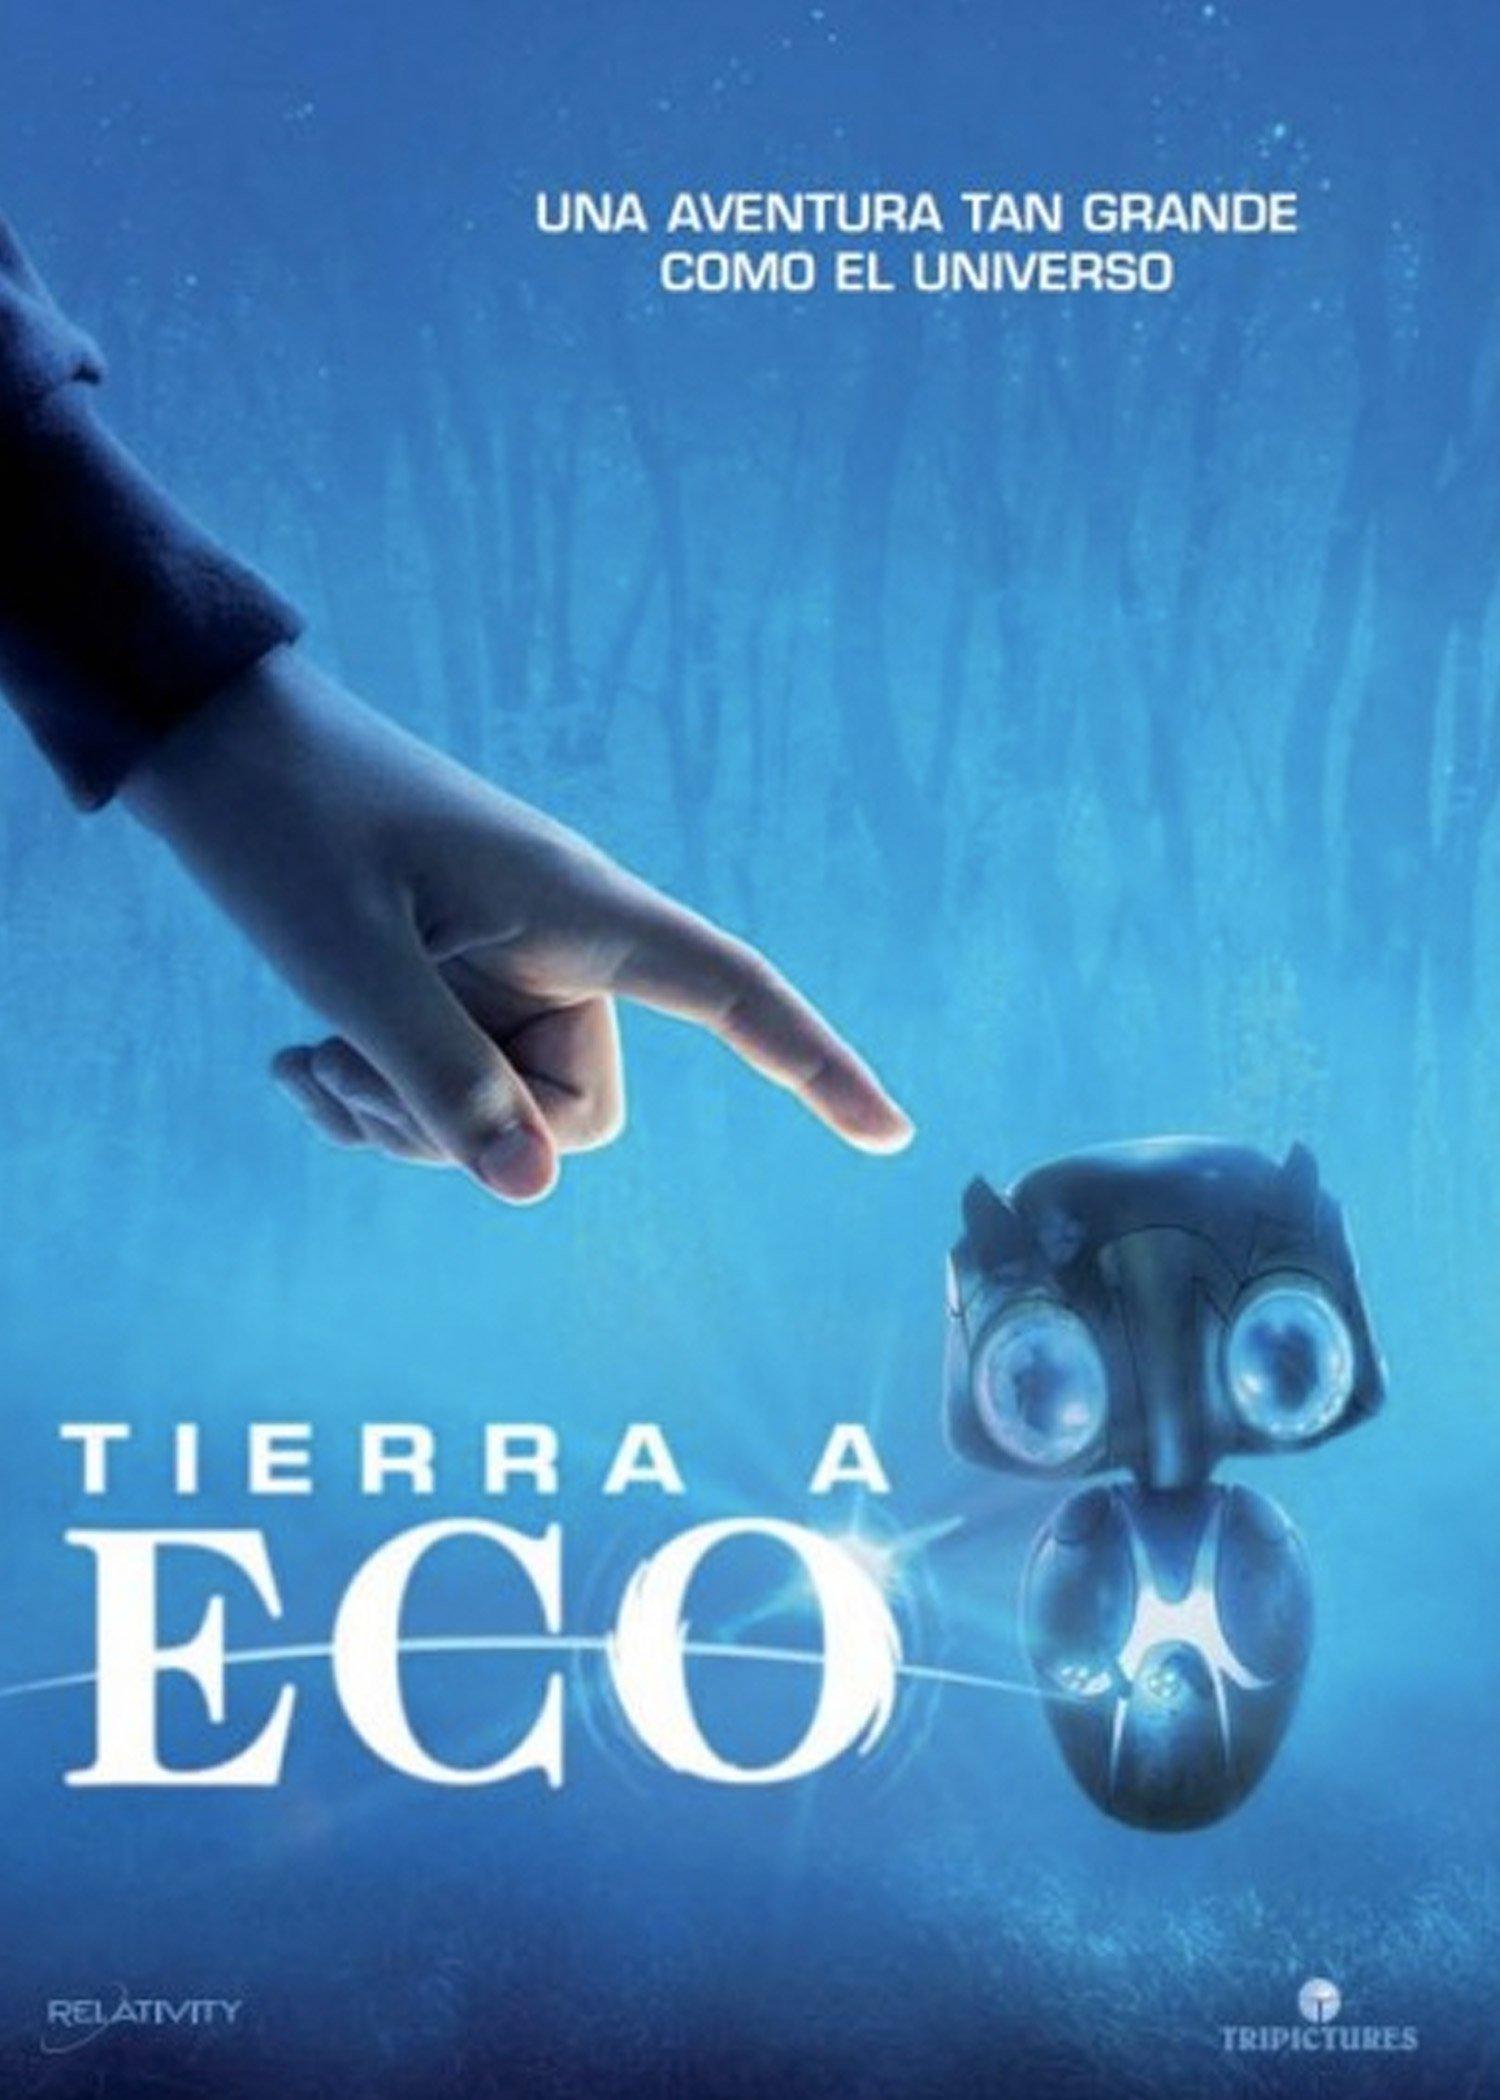 Tierra a Eco (Earth to Echo)